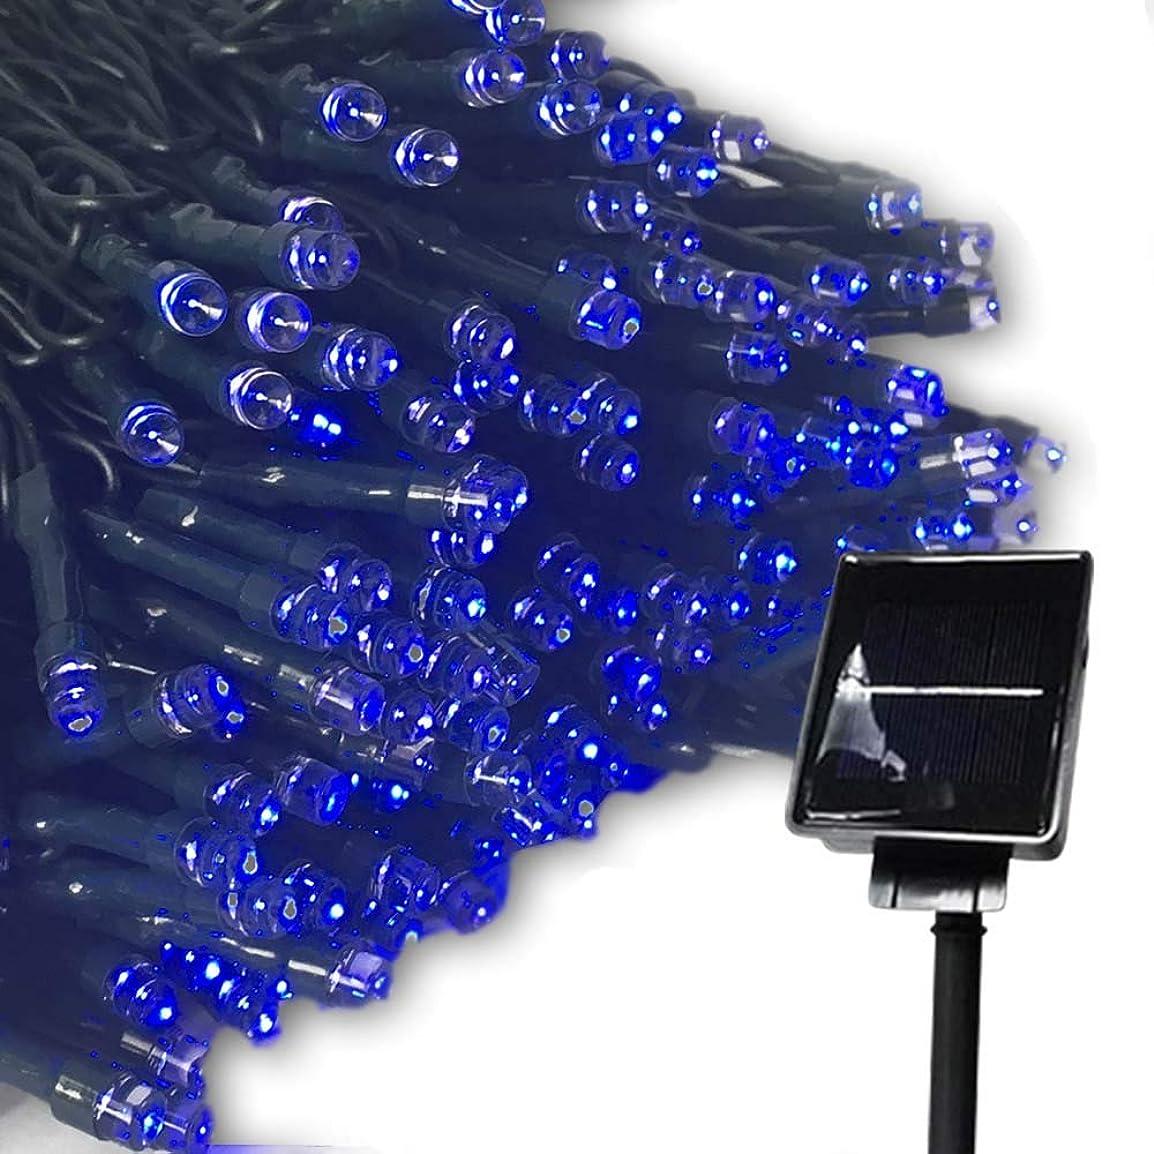 コーデリア王女個人LED ソーラー イルミネーション 太陽発電 200球 9色 点灯8パターン 防雨 屋外 クリスマス イルミ 自動ON/OFF (ブルー)